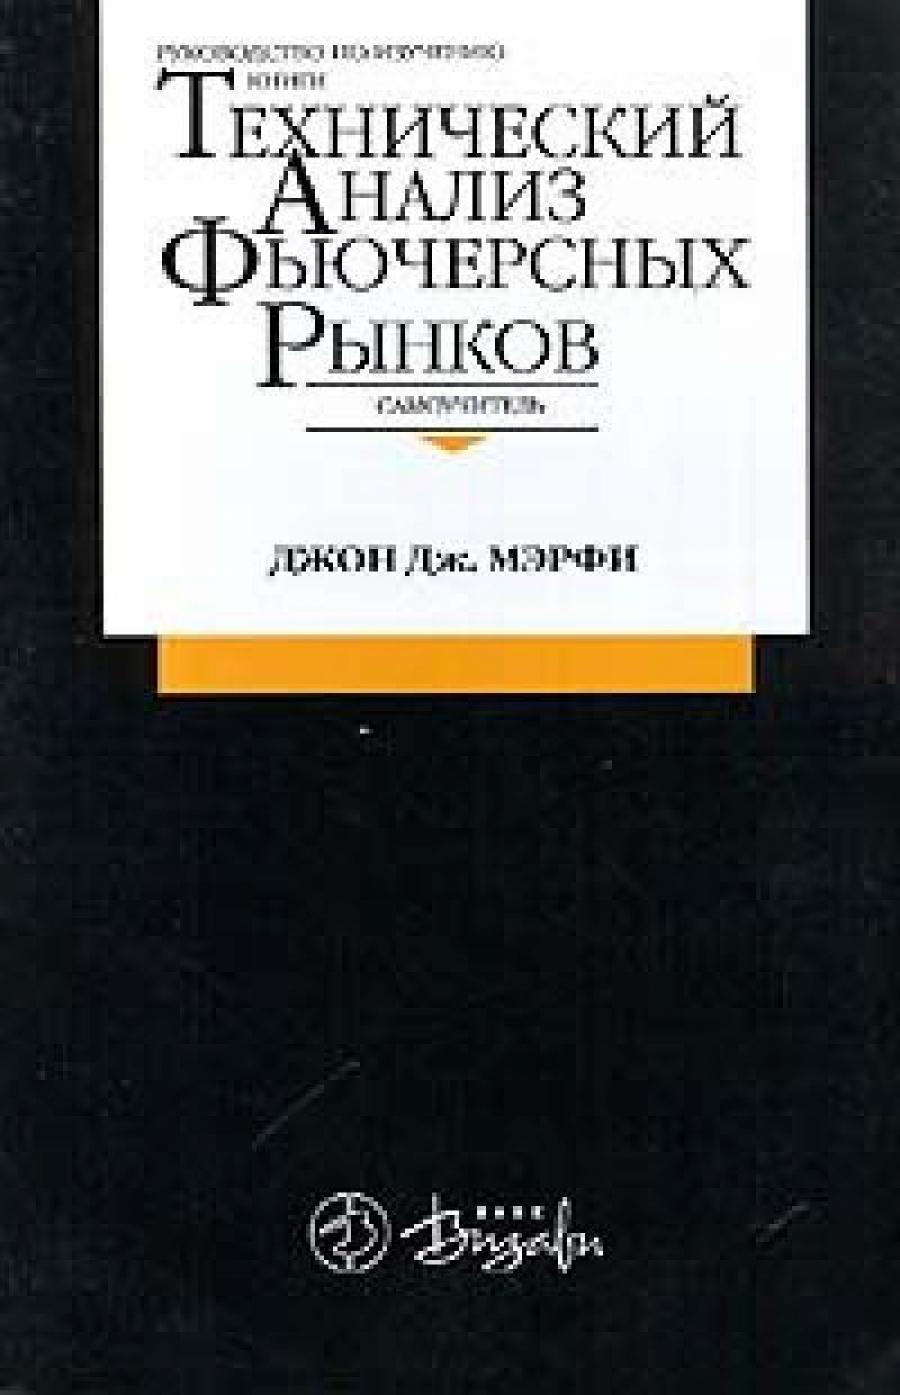 Обложка книги:  джон дж. мерфи - технический анализ фьючерсных рынков. теория и практика